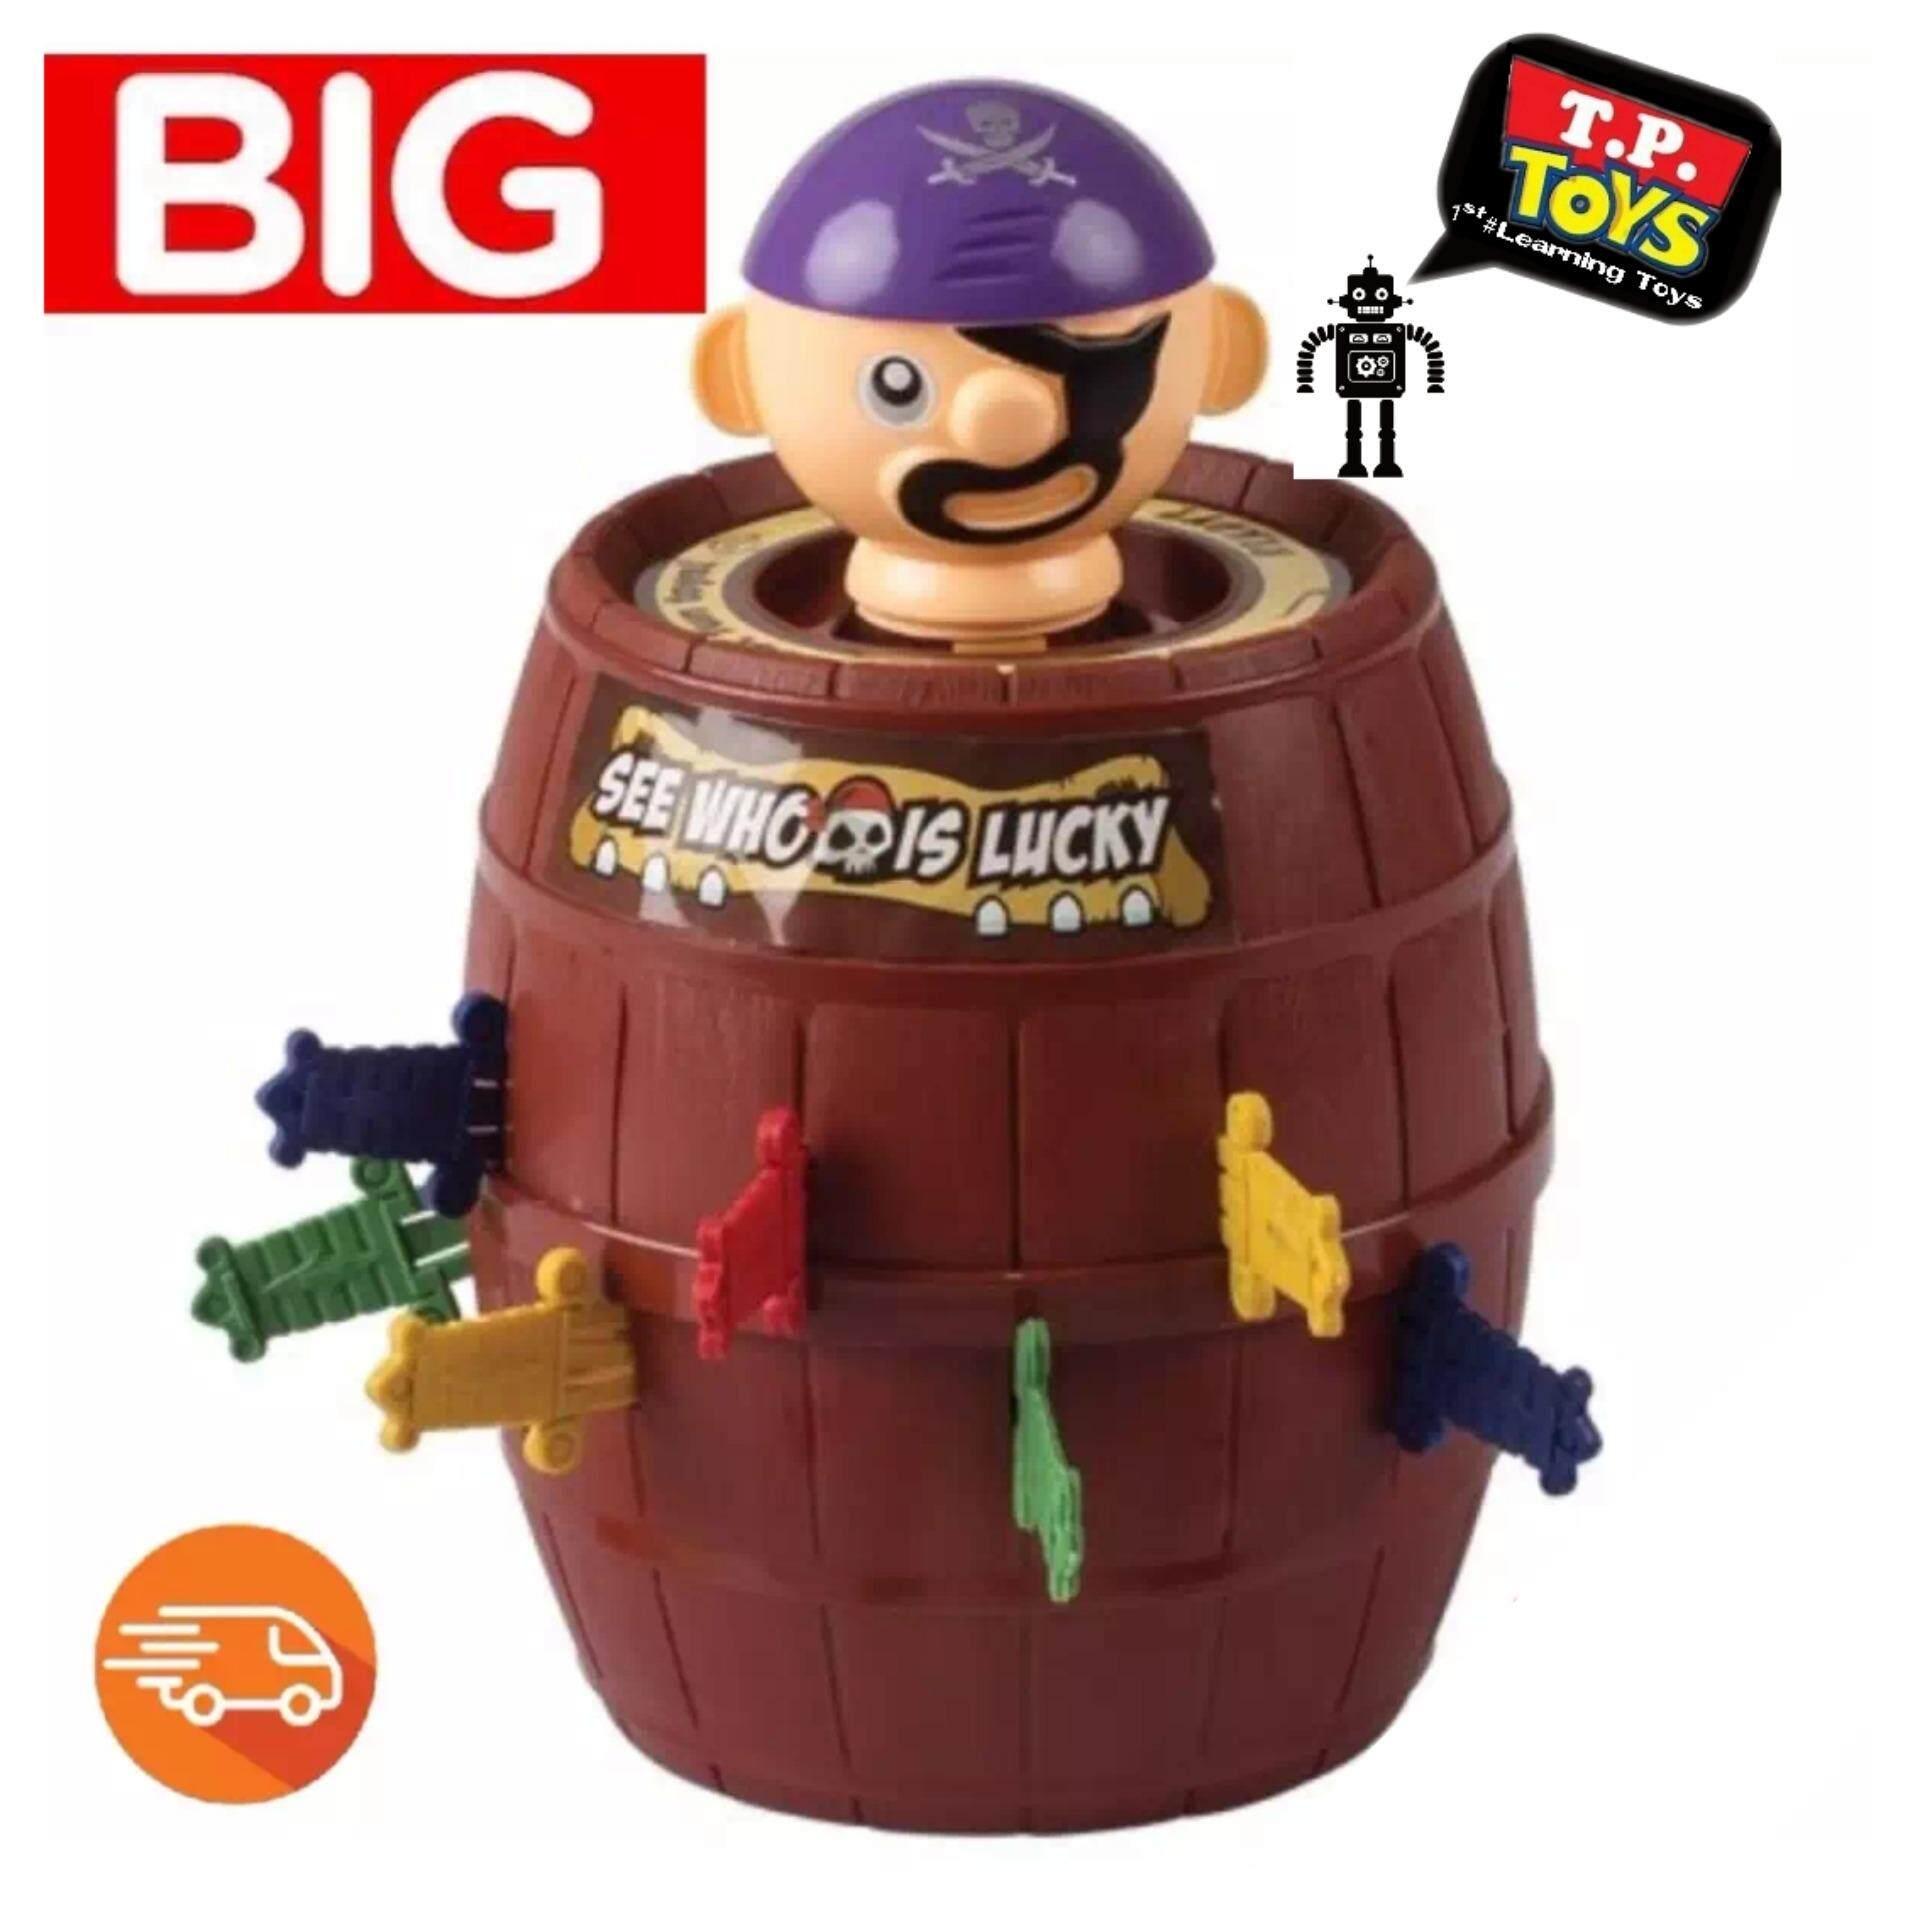 ราคา T P Toys เกมส์เสี่ยงดวงเสียบถังโจรสลัดถัง Big รูเล็ต 2 In 1 คละสี ใหม่ ถูก